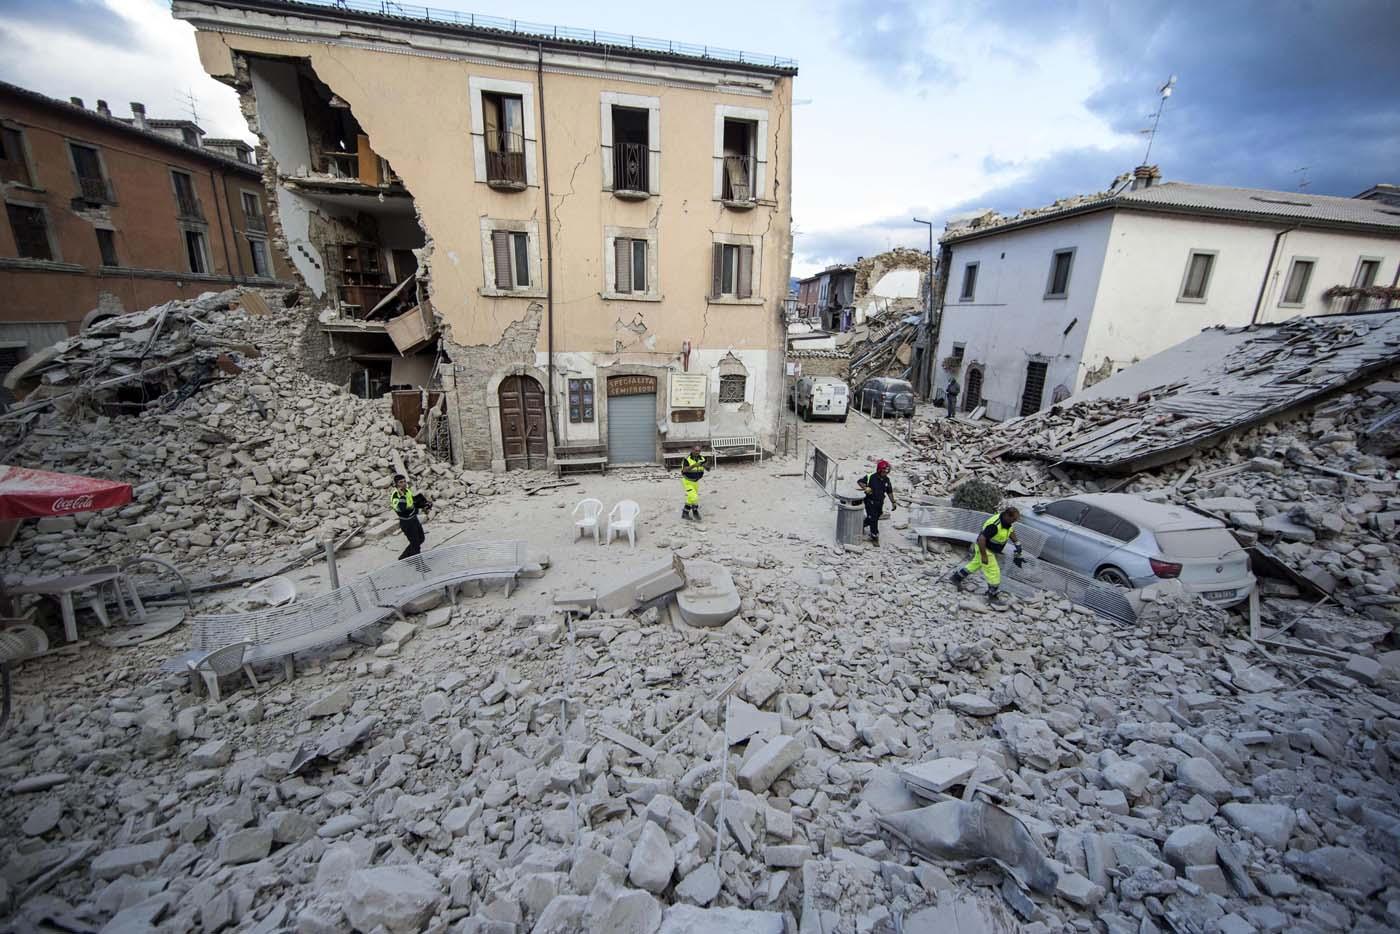 Un edificio se mantiene en pie luego de que parte de su estructura se derrumbase tras un sismo que remeció la localidad de Amatrice, en el centro de Italia, el 24 de agosto de 2016. (Massimo Percossi/ANSA via AP)